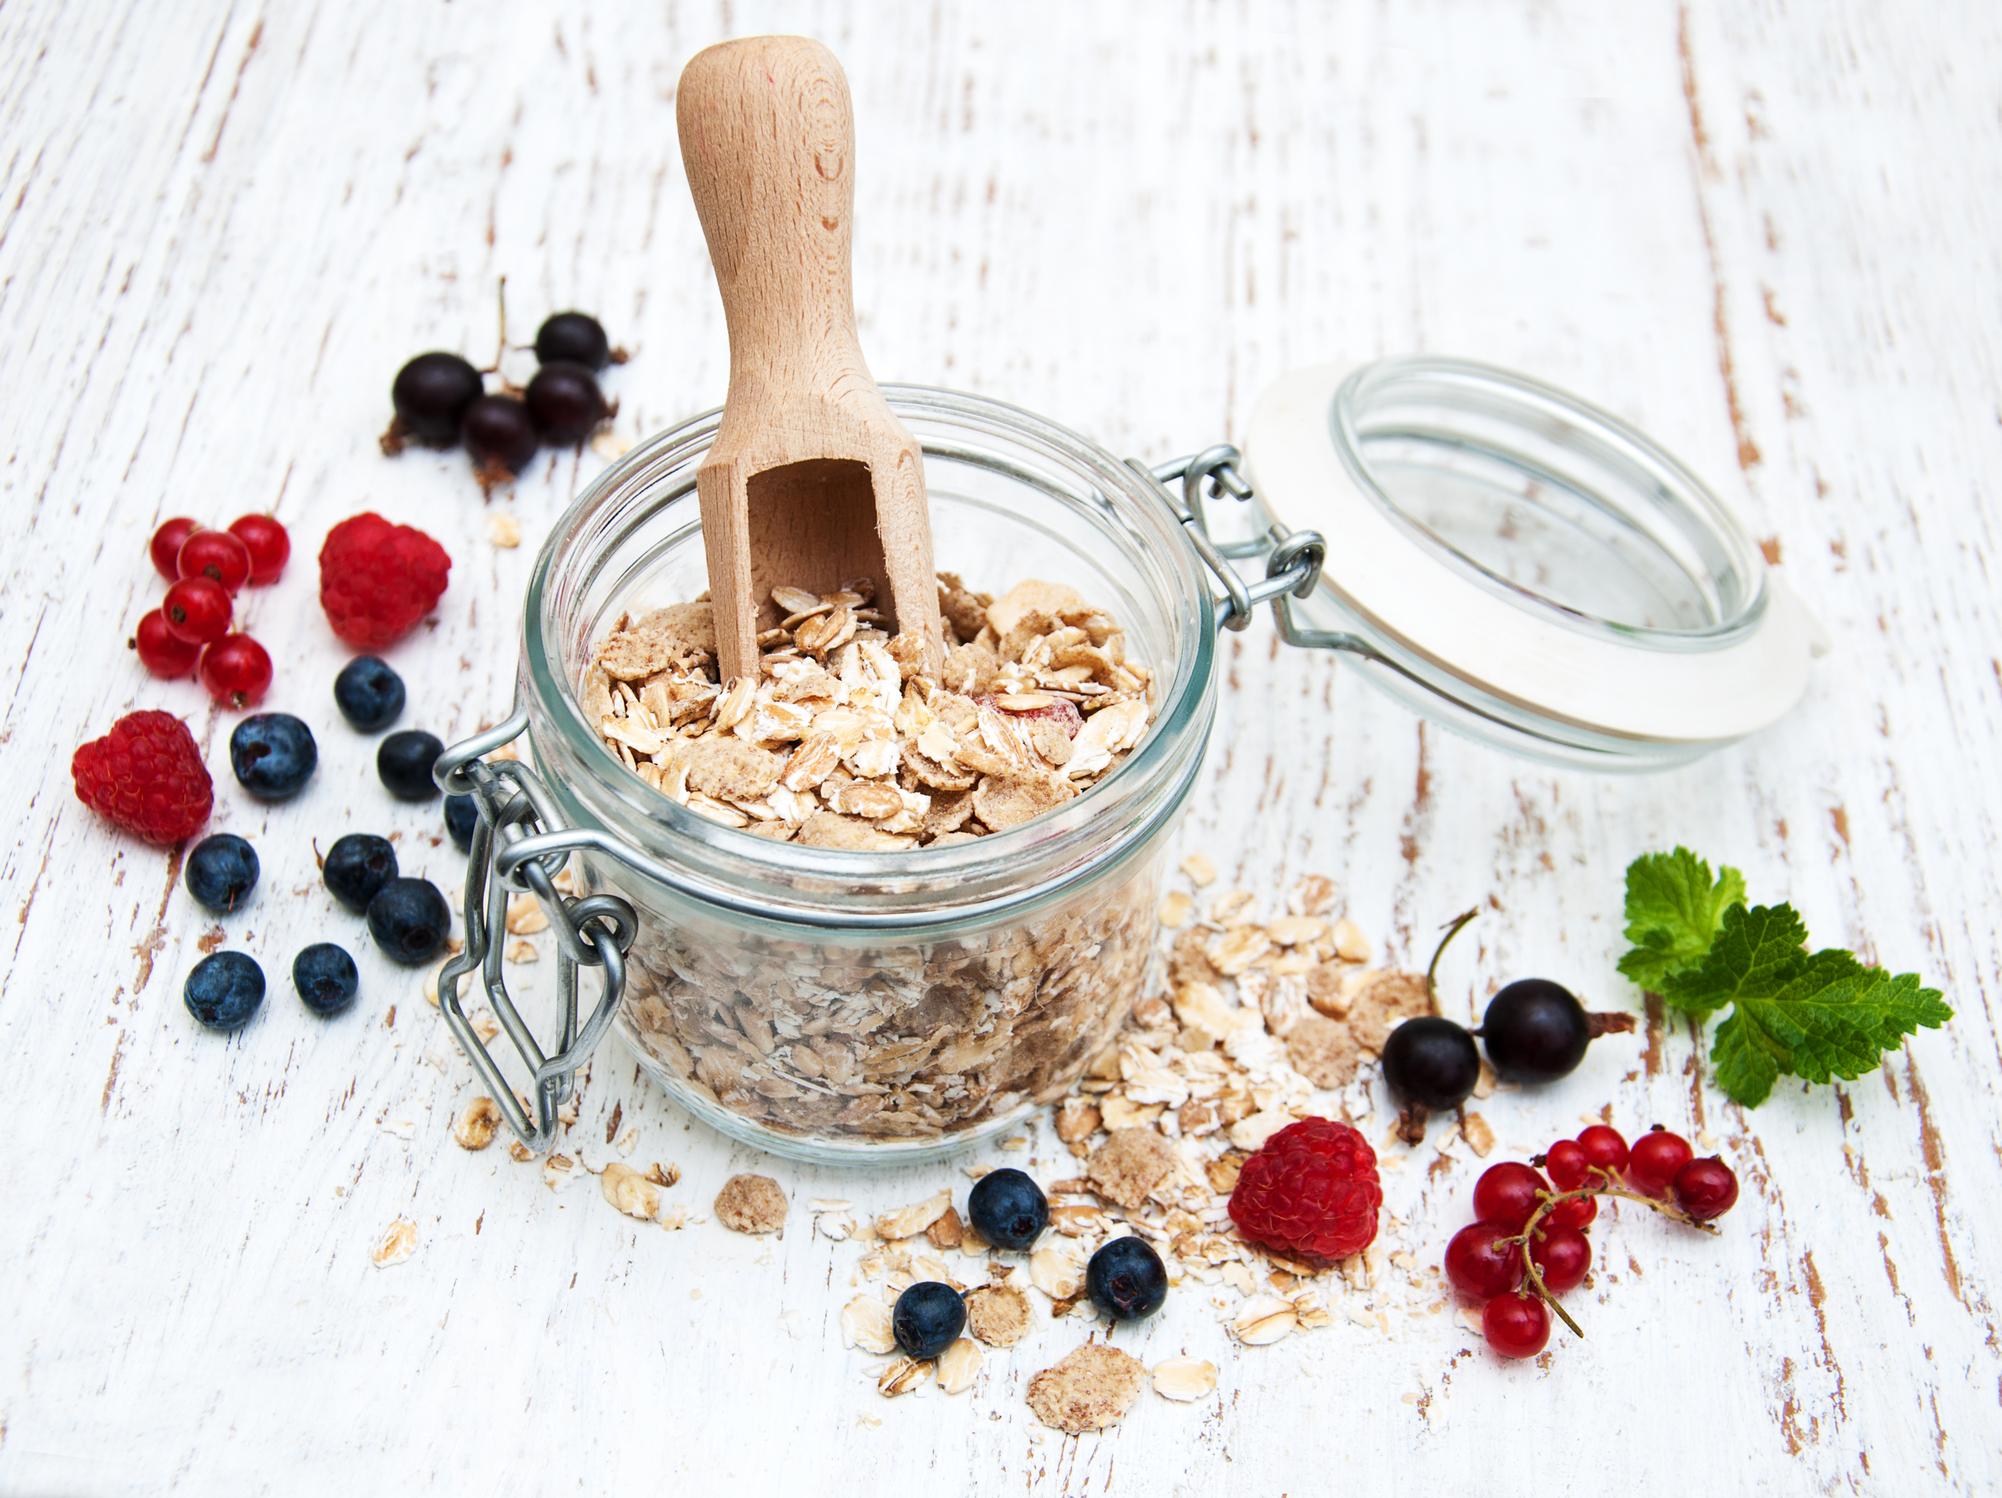 breakfast-with-fresh-berries-67200875.jpg